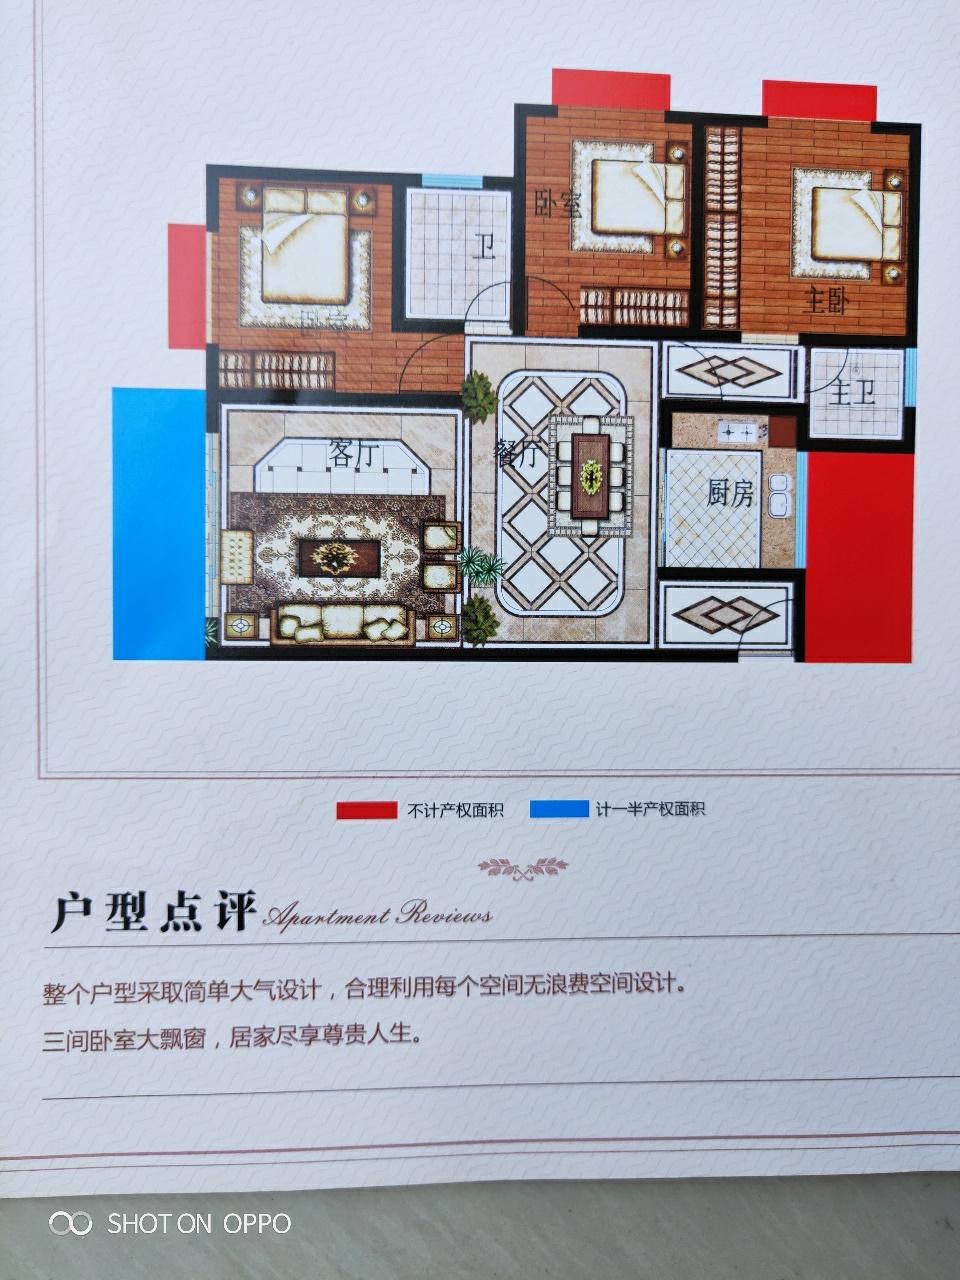 东方家园最好一栋房子,最好户型最好楼层!!!